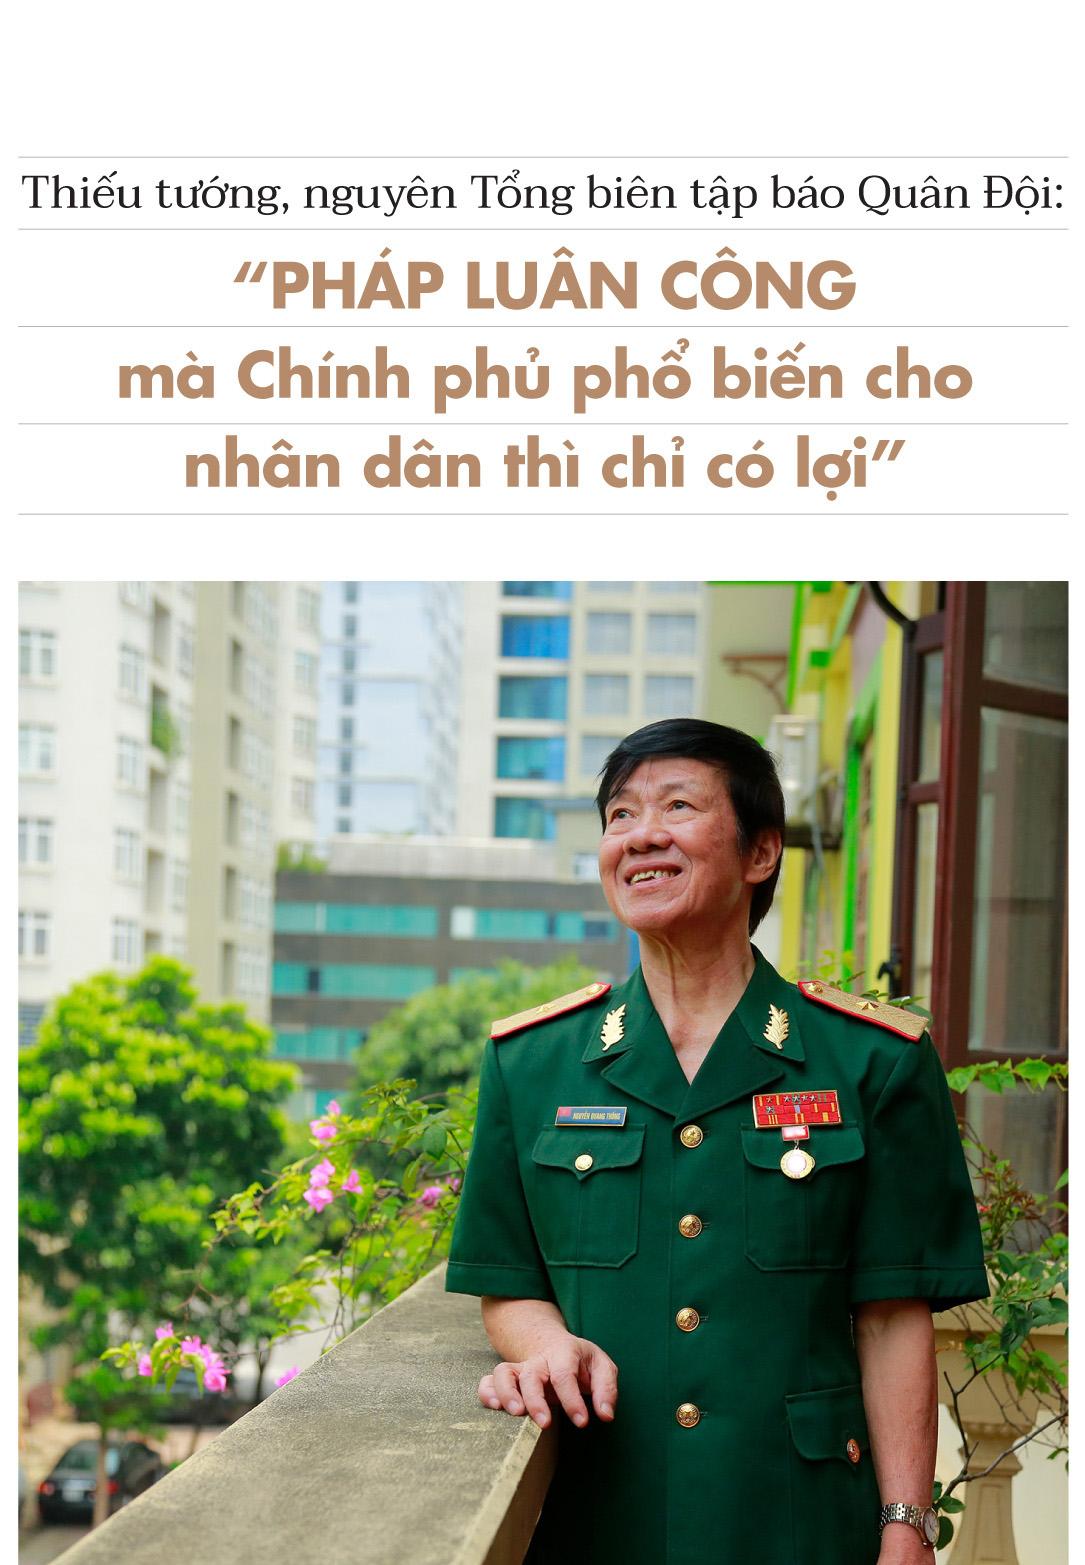 Thiếu Tướng Nguyen Tbt Bao Quan đội Phap Luan Cong Ma Chinh Phủ Phổ Biến Cho Nhan Dan Thi Chỉ Co Lợi Dkn News